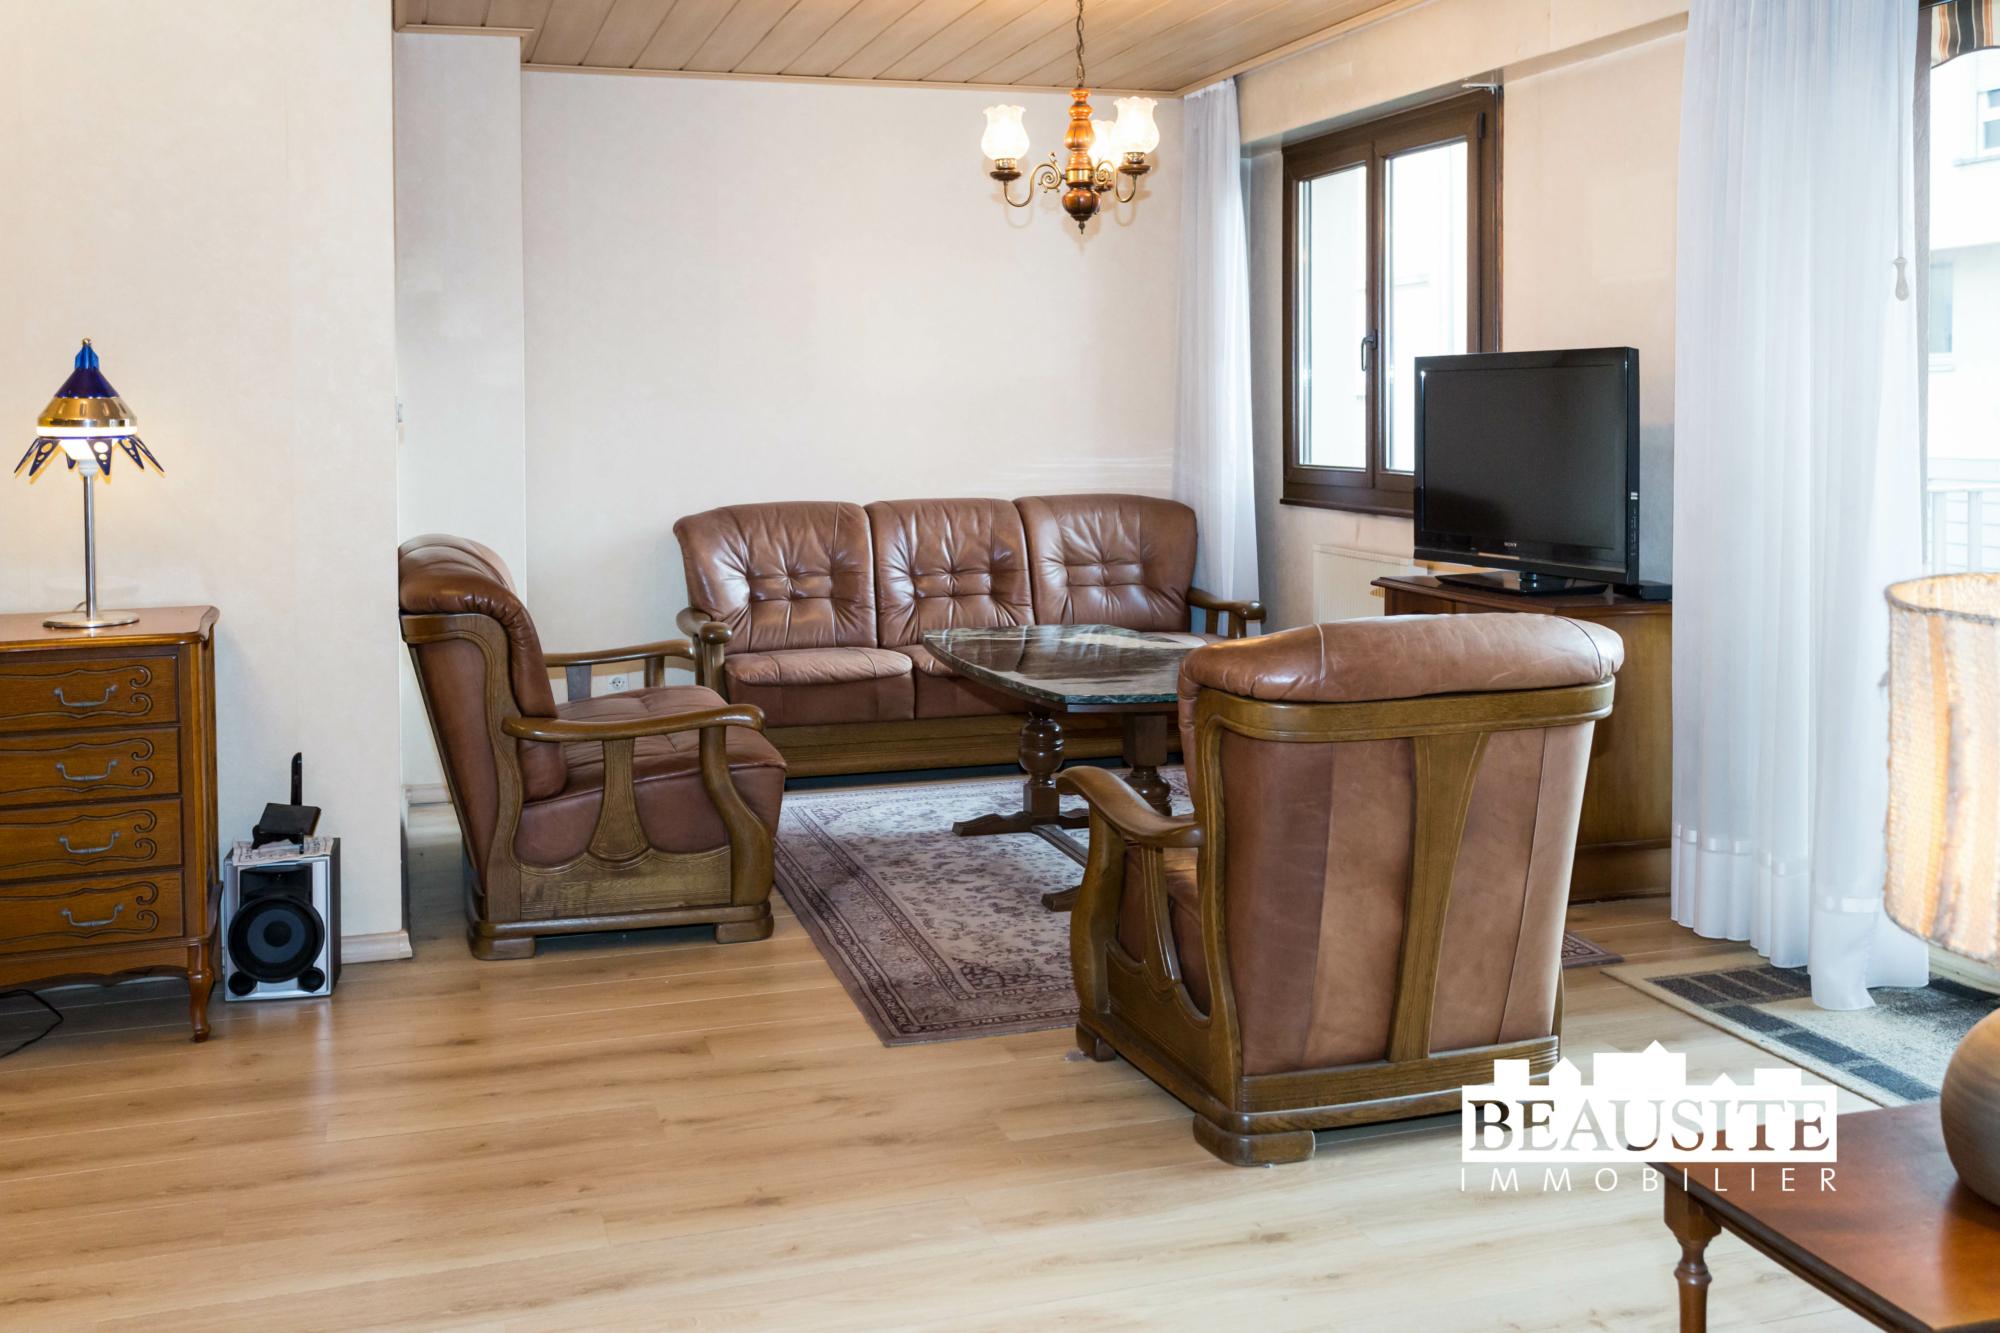 [Tonton] Un appartement familial avec balcon et garage - Neudorf / rue Saint-Amarin - nos ventes - Beausite Immobilier 4